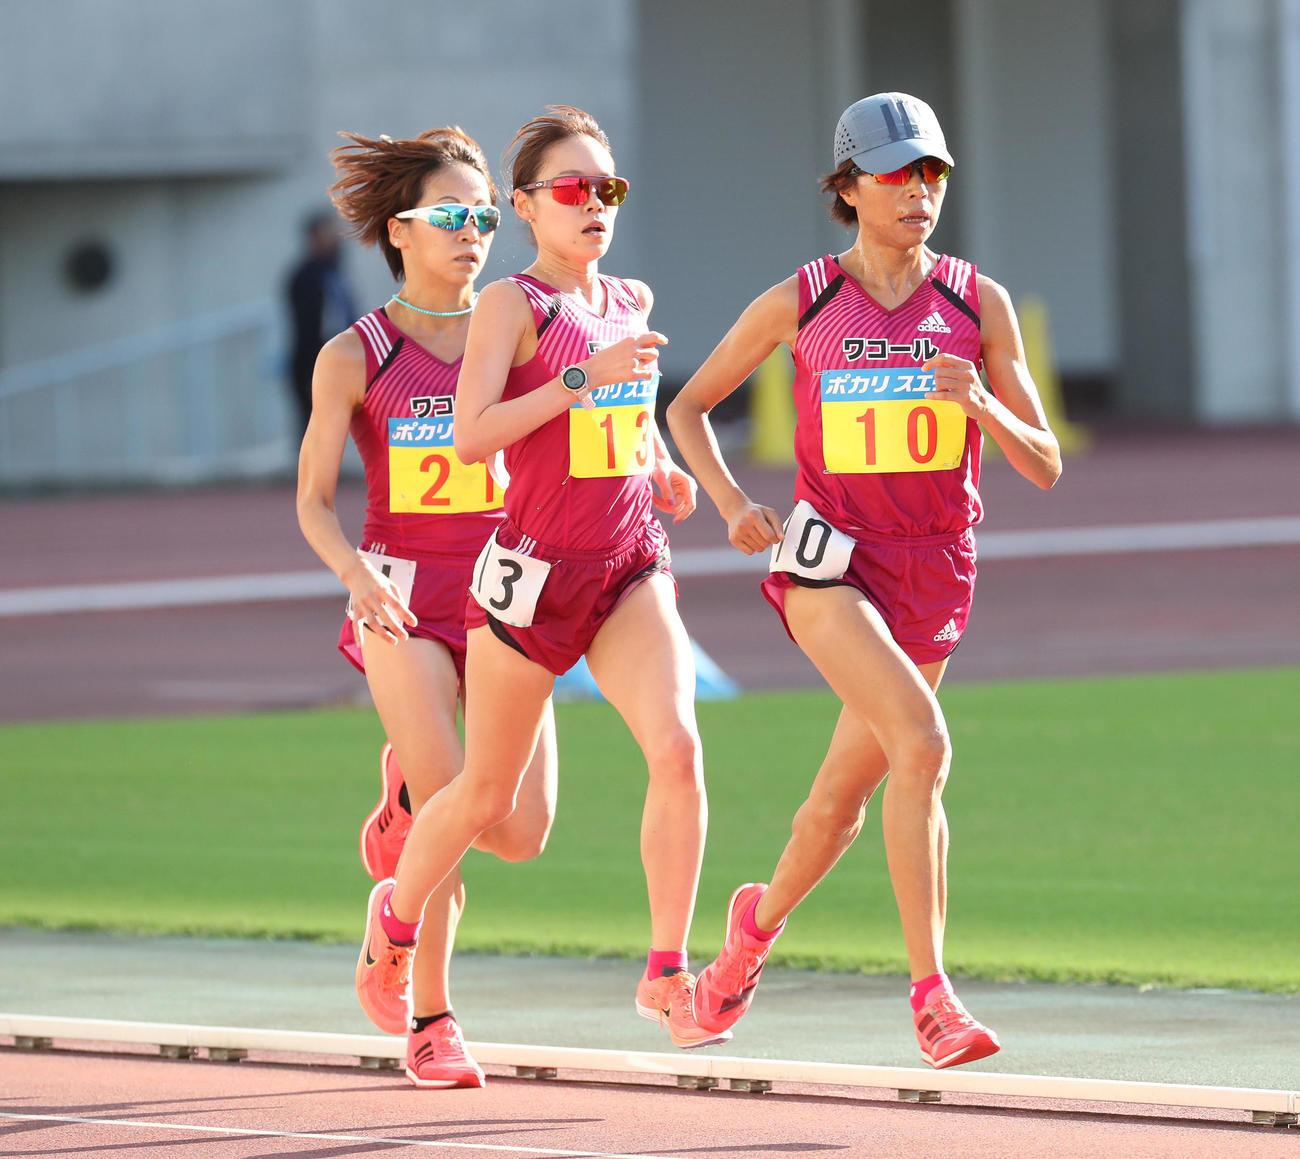 関西実業団陸上競技選手権大会 女子5000メートル決勝 力走する、右から、福士加代子、一山麻緒、安藤友香(撮影・白石智彦